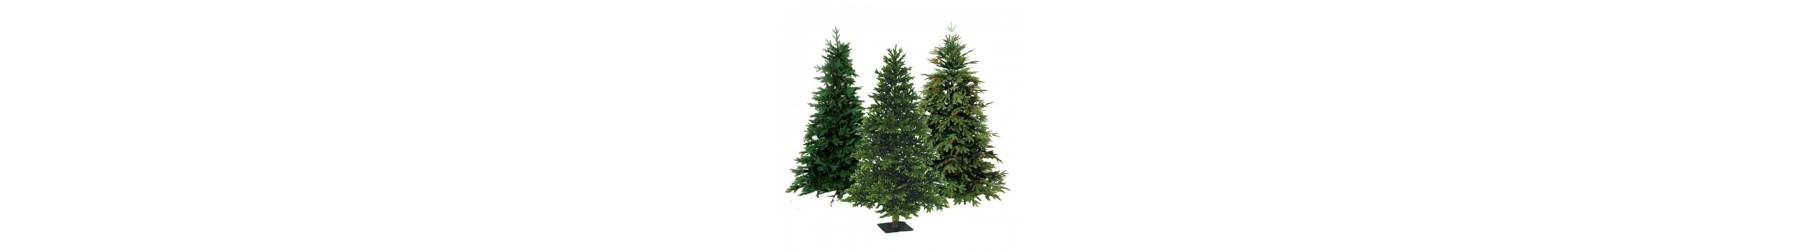 Παραδοσιακά Χριστουγεννιάτικα δέντρα Plastic PVC